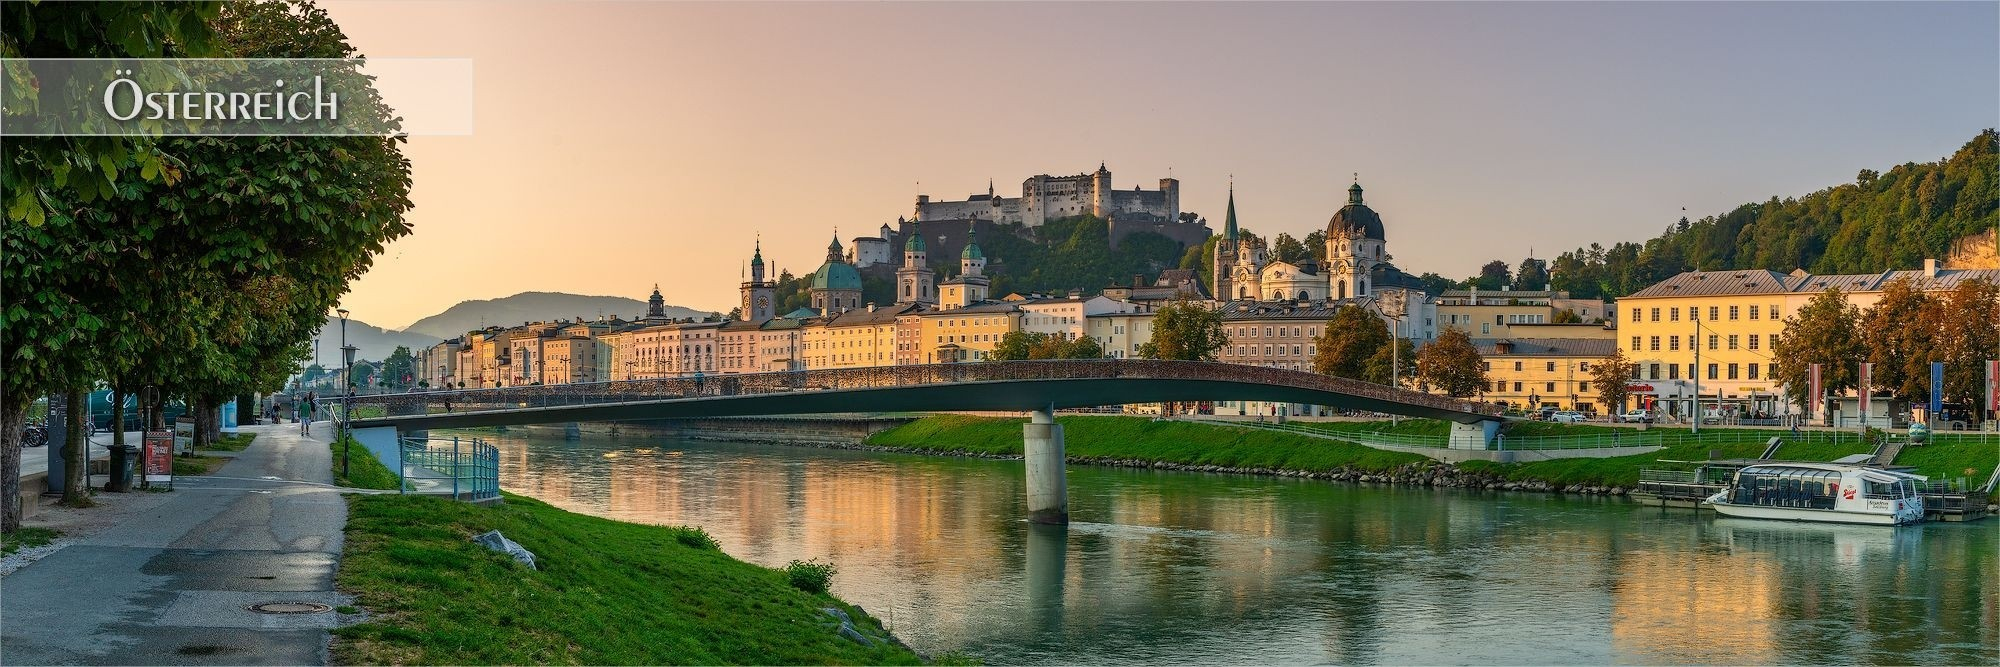 Bilder als Wandbild oder Küchenrückwand aus Österreich